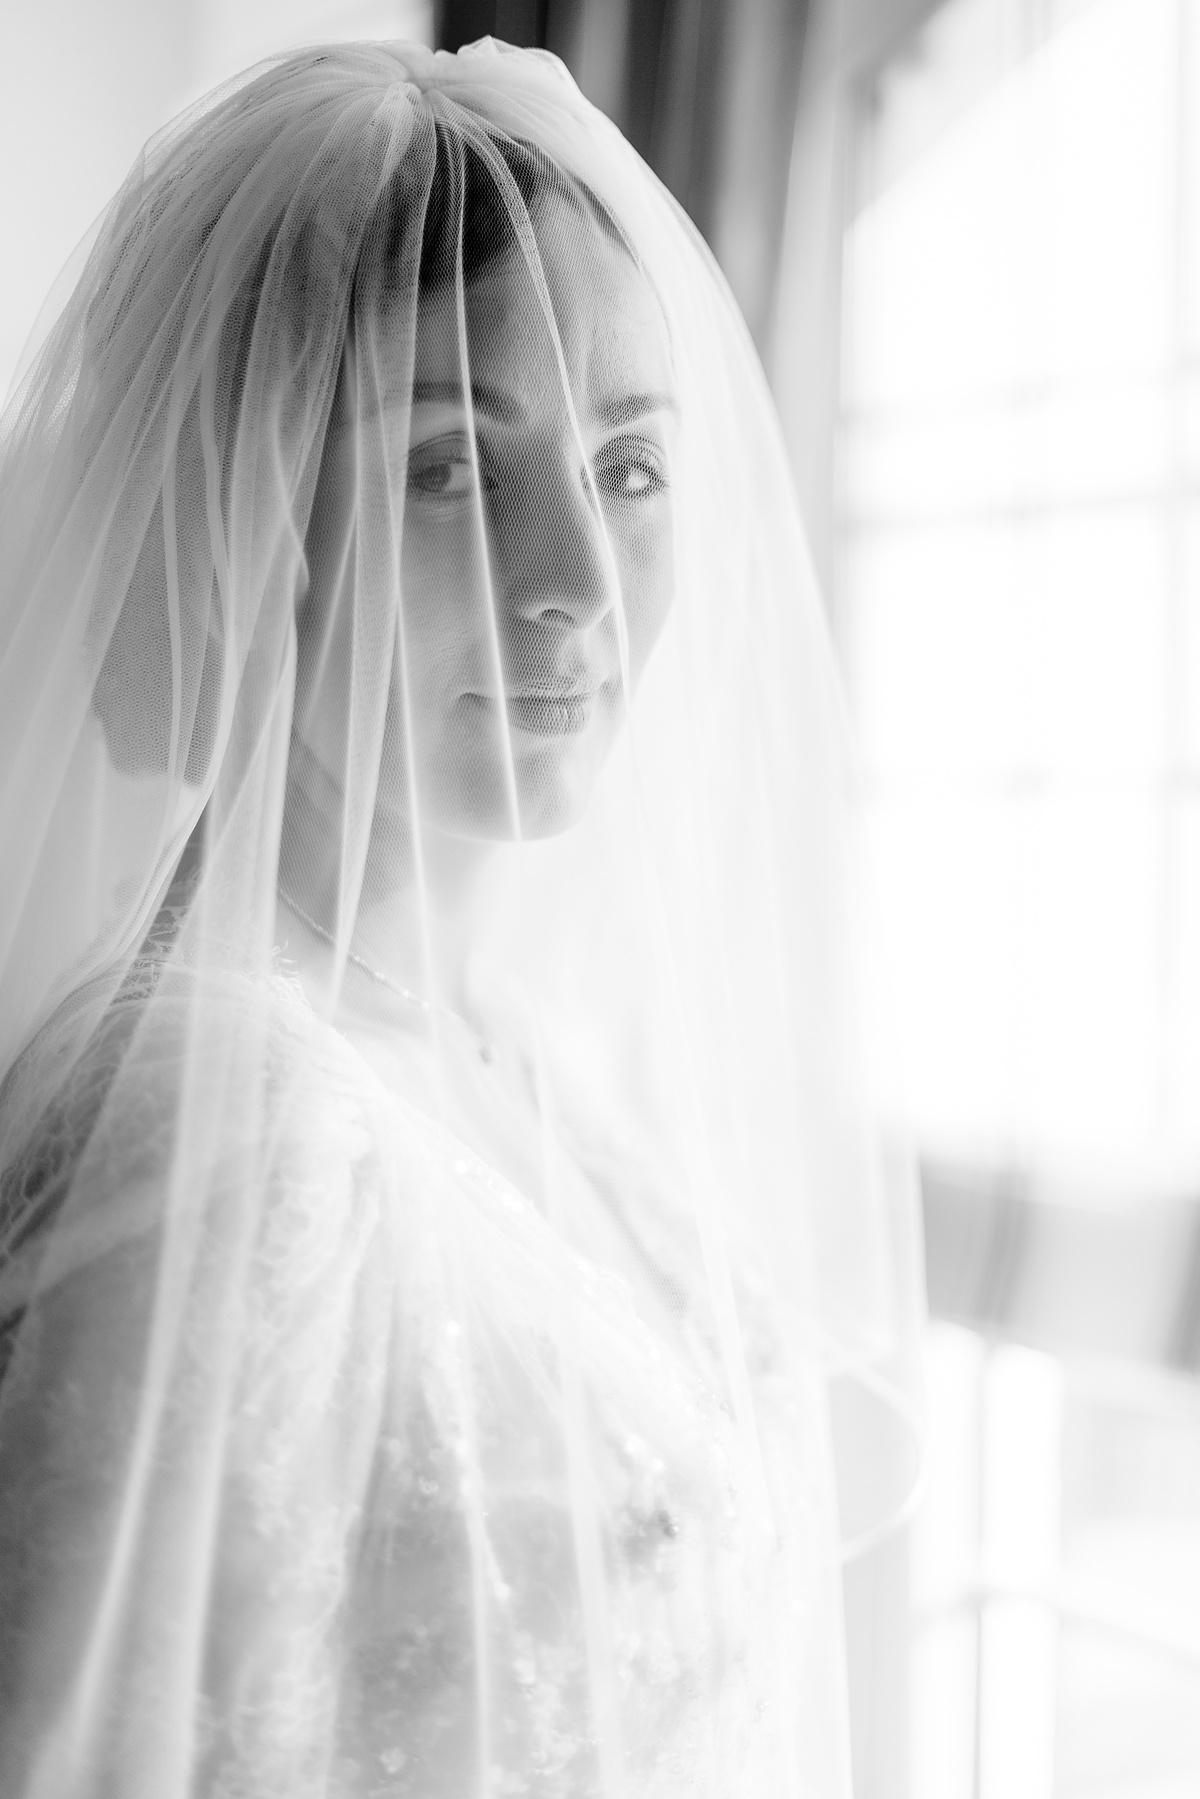 Portrait de la mariée avec son voile en noir et blanc